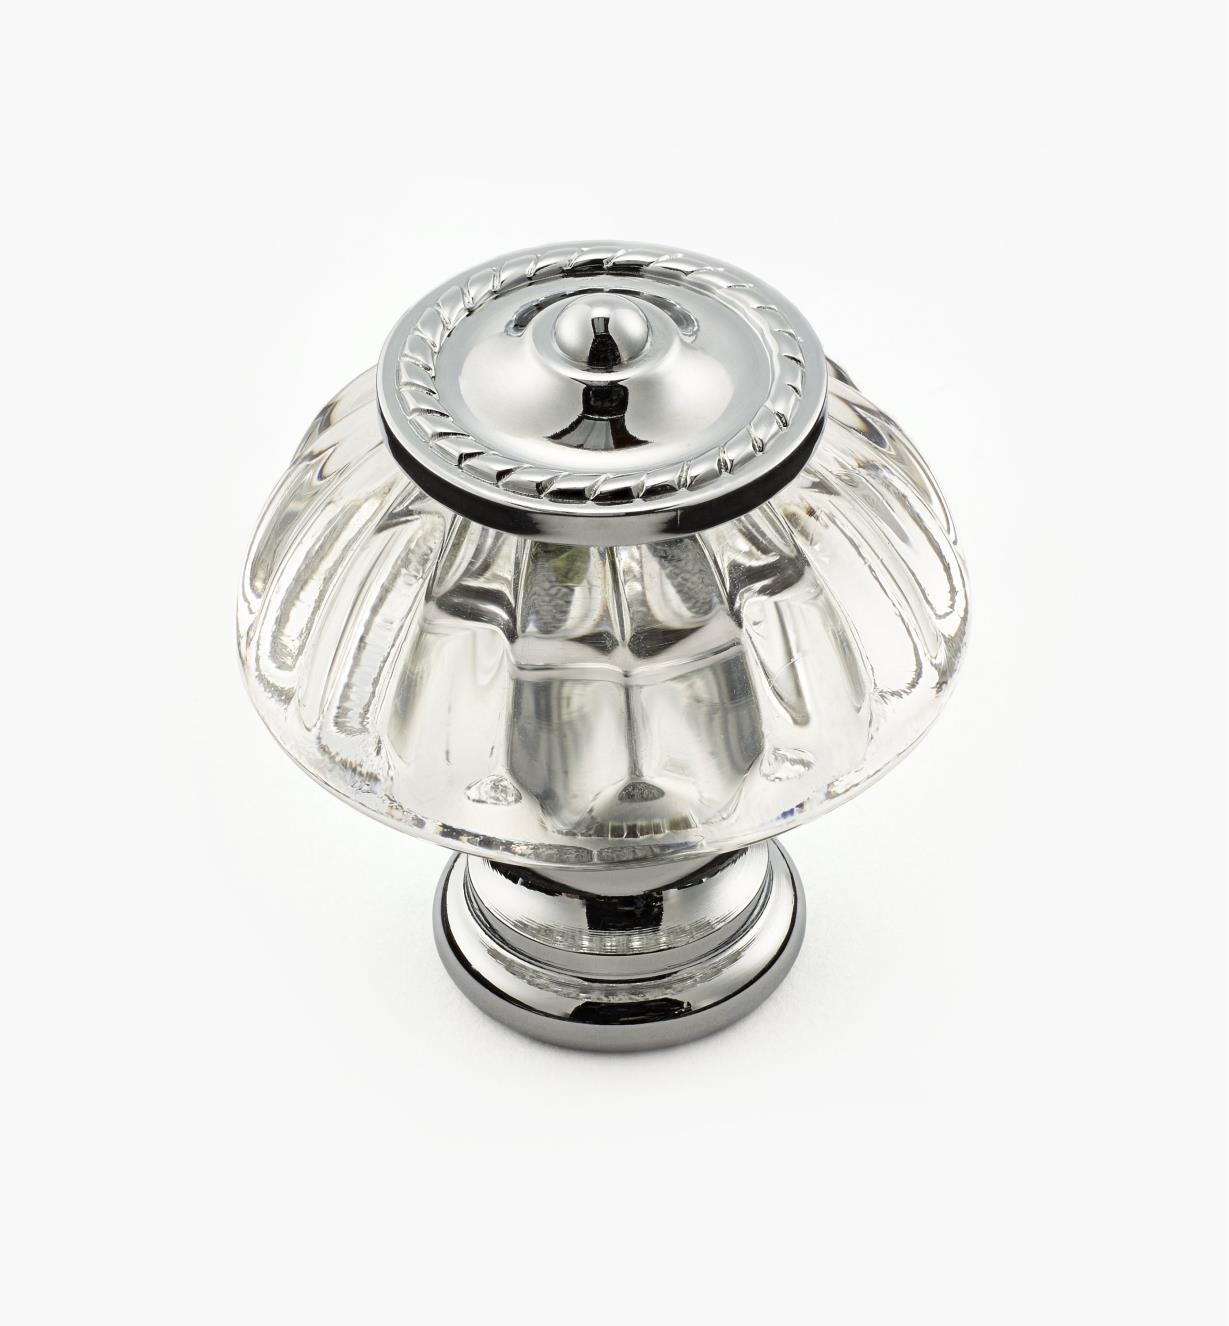 01W2581 - Bouton en verre à motif perlé à base plaquée chrome, 1 1/4 po x 1 7/16 po